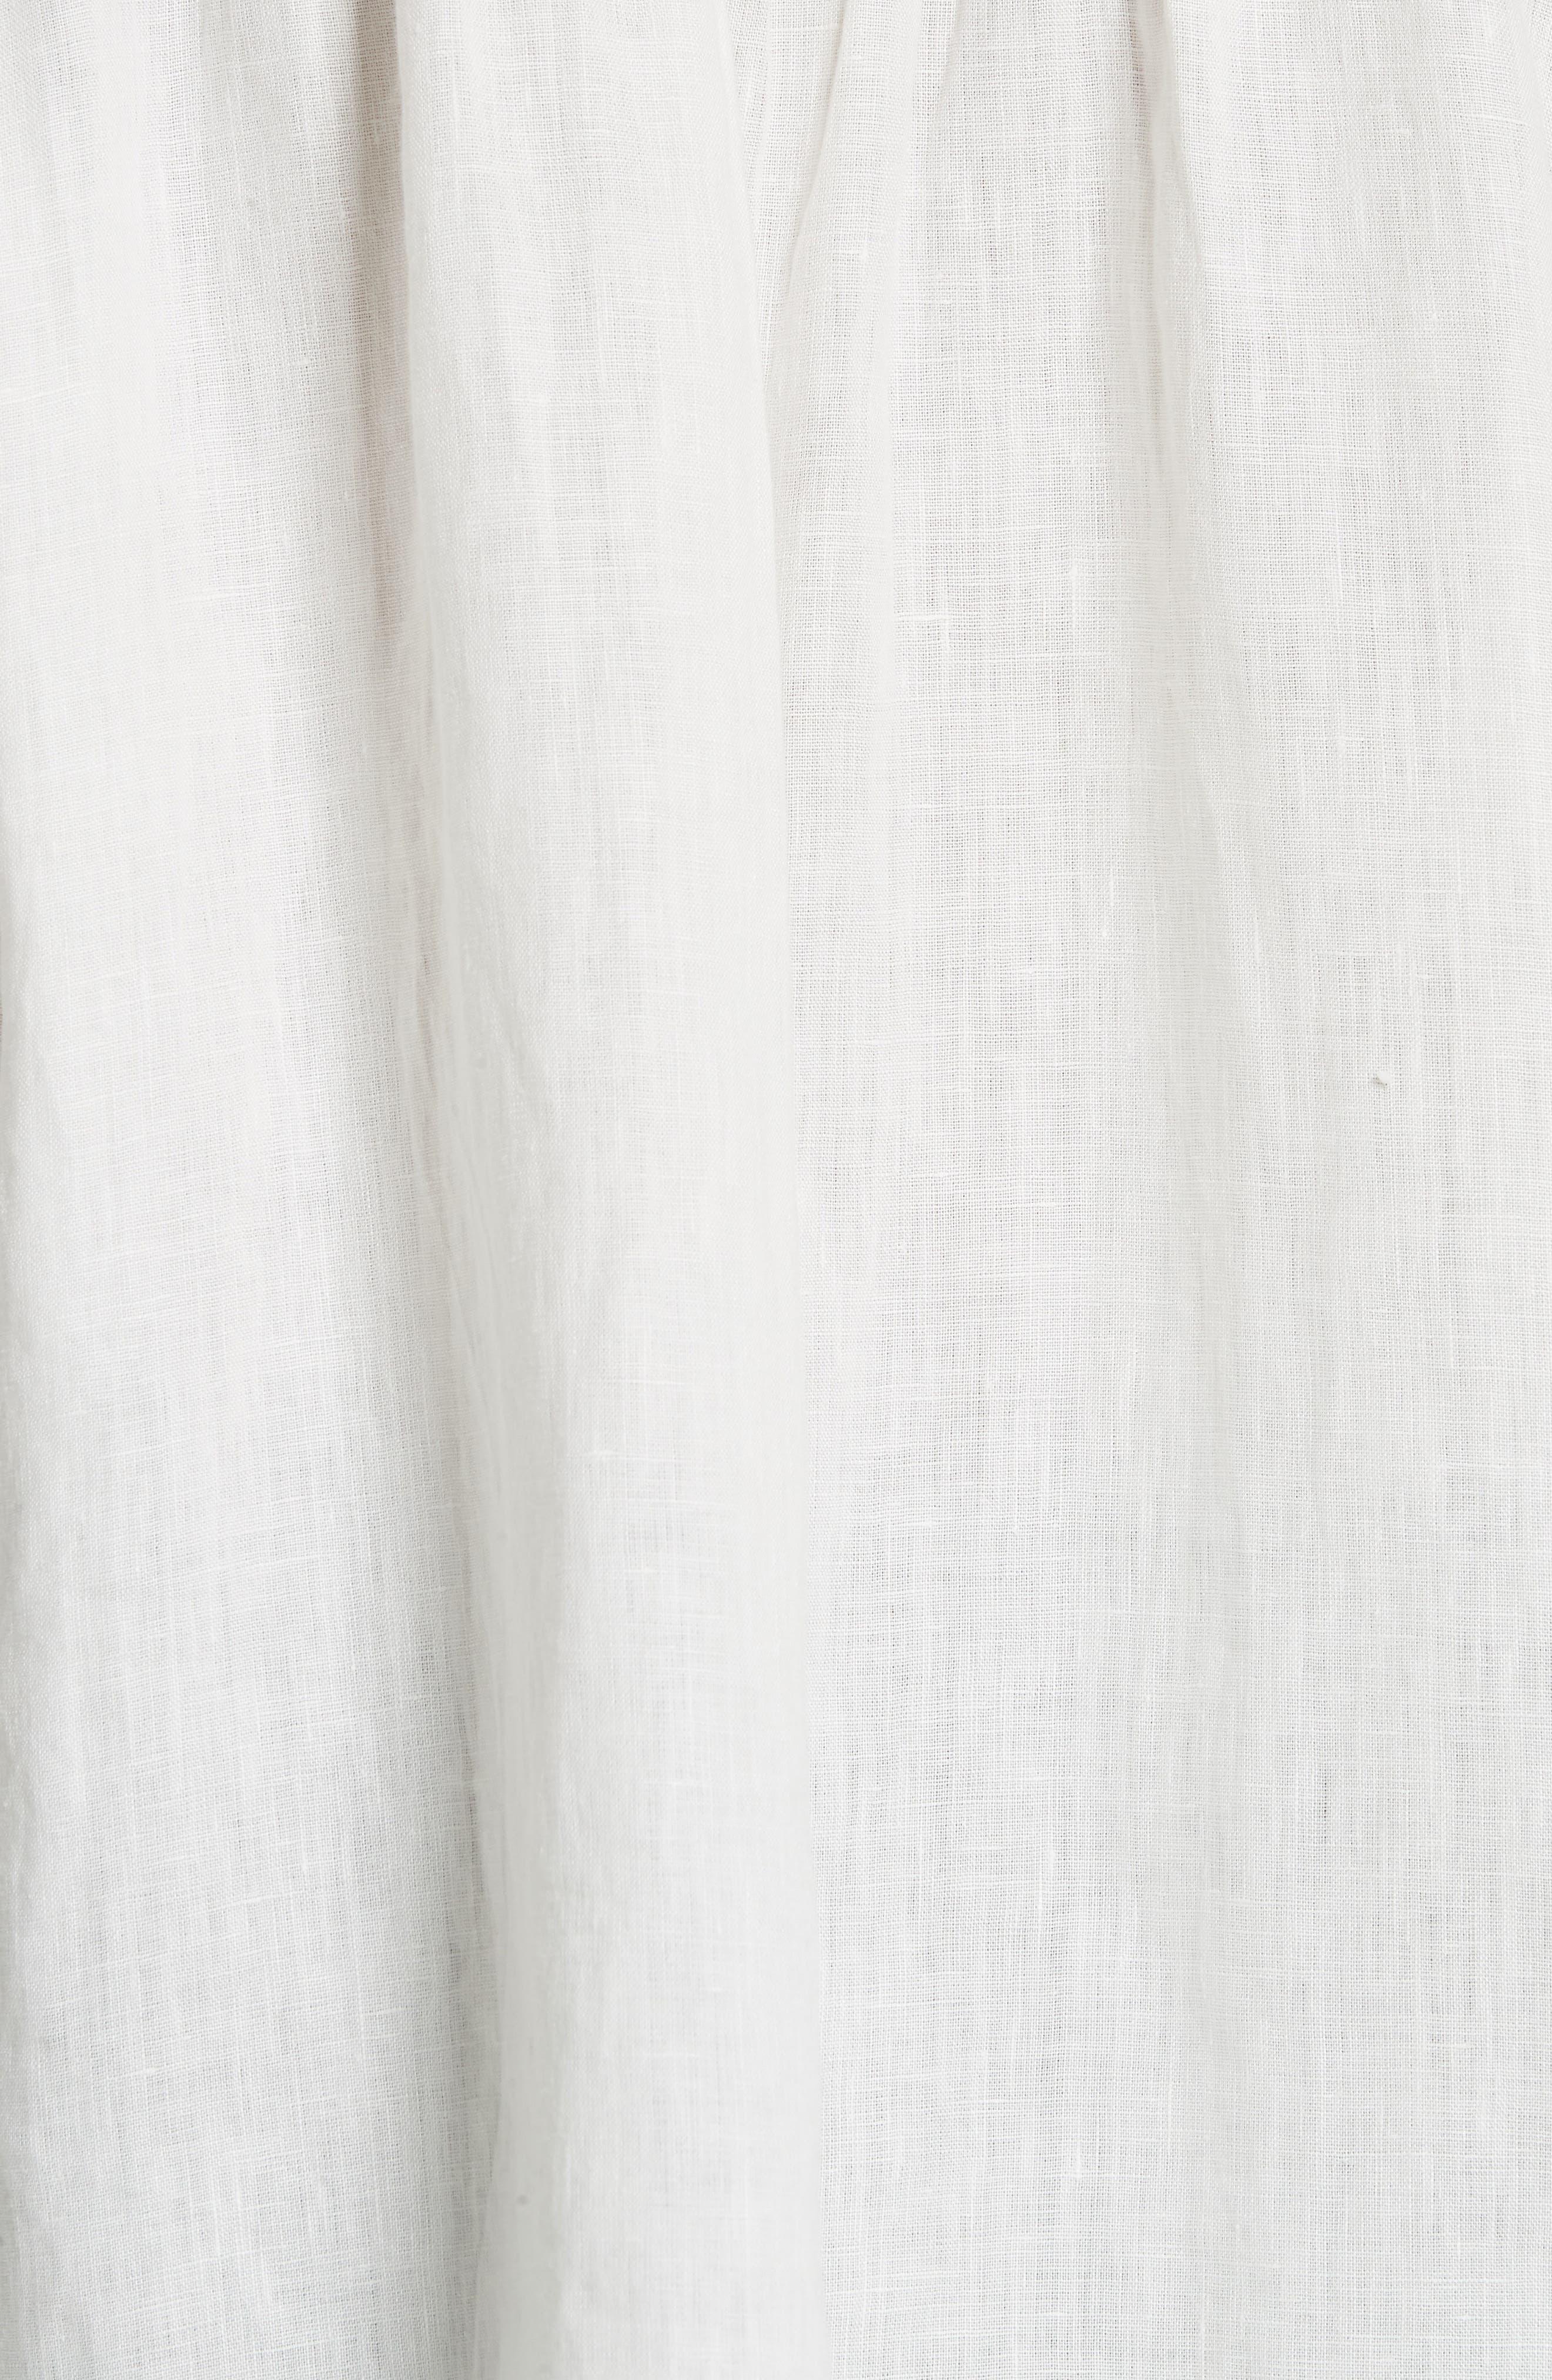 Lidelle Button Tab Linen Blouse,                             Alternate thumbnail 5, color,                             120